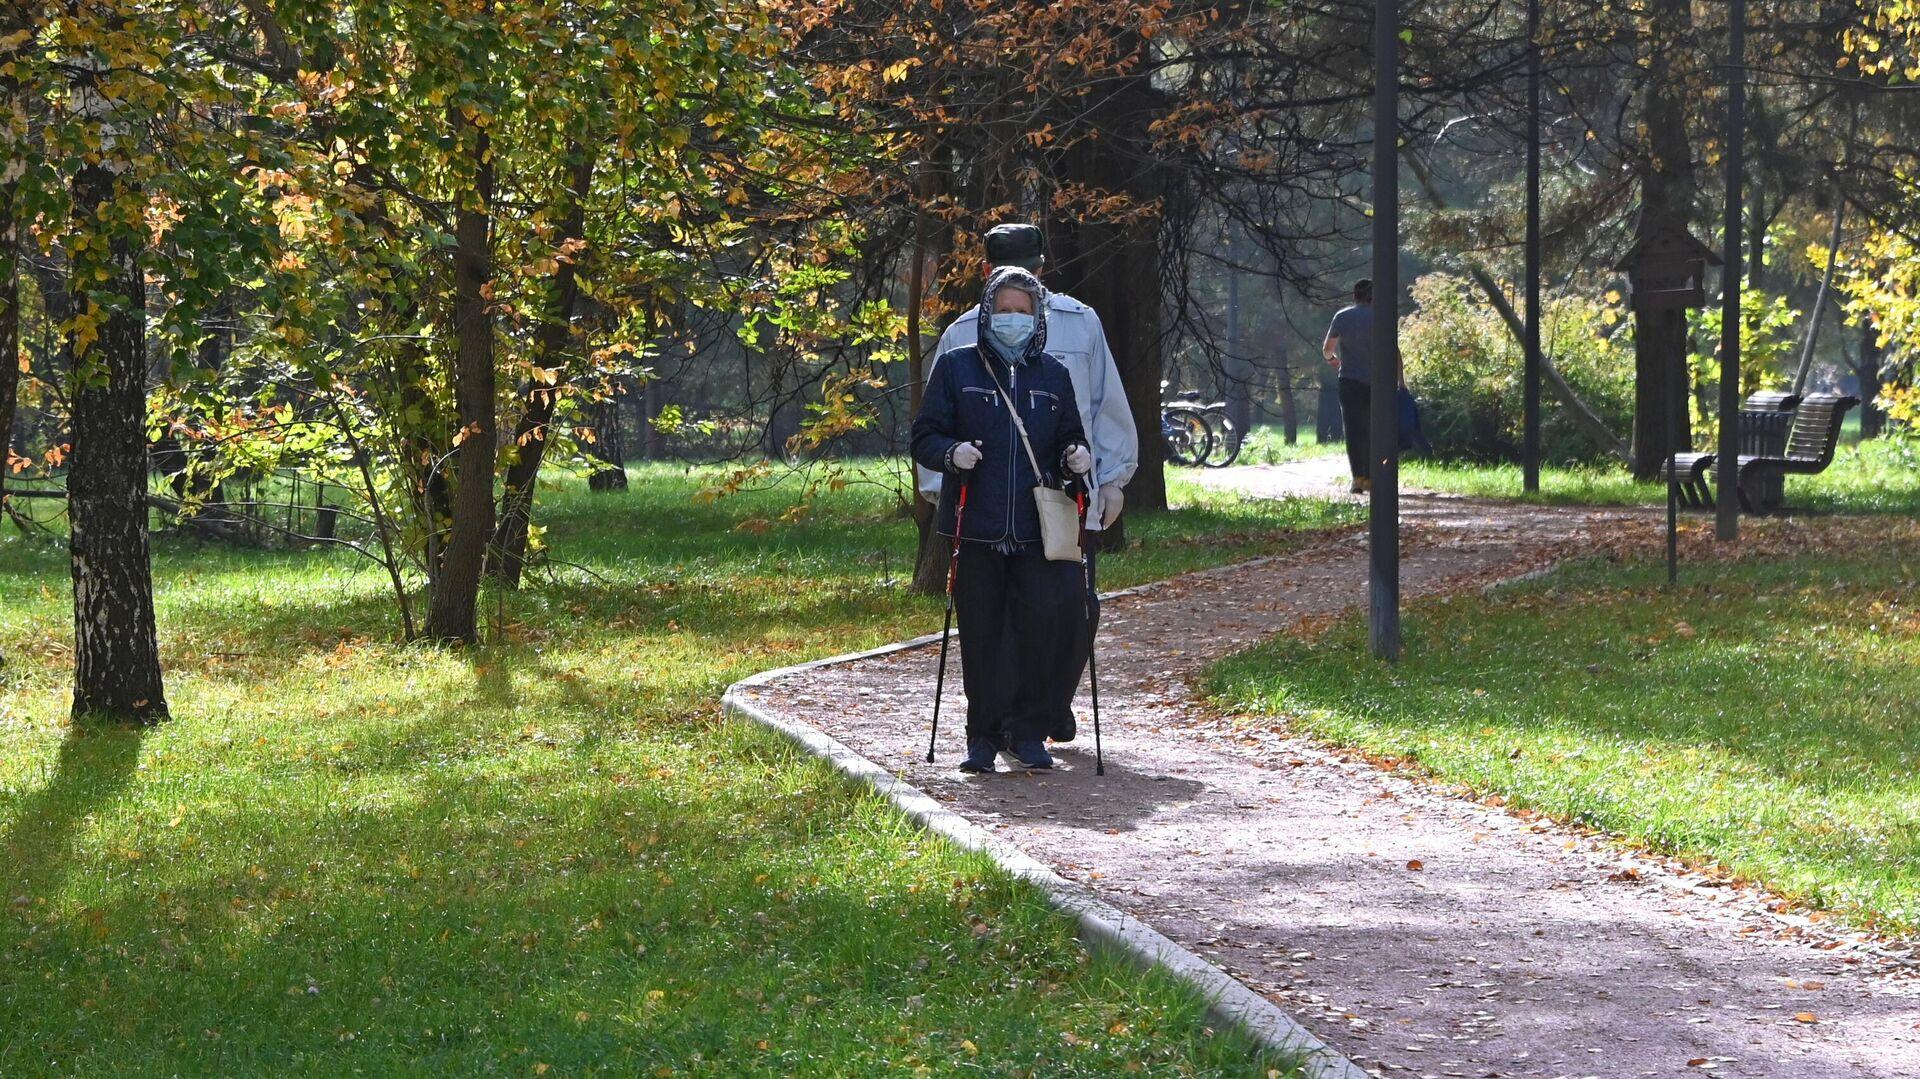 Отдыхающие в парке имени 50-летия Октября в Москве - РИА Новости, 1920, 07.04.2021